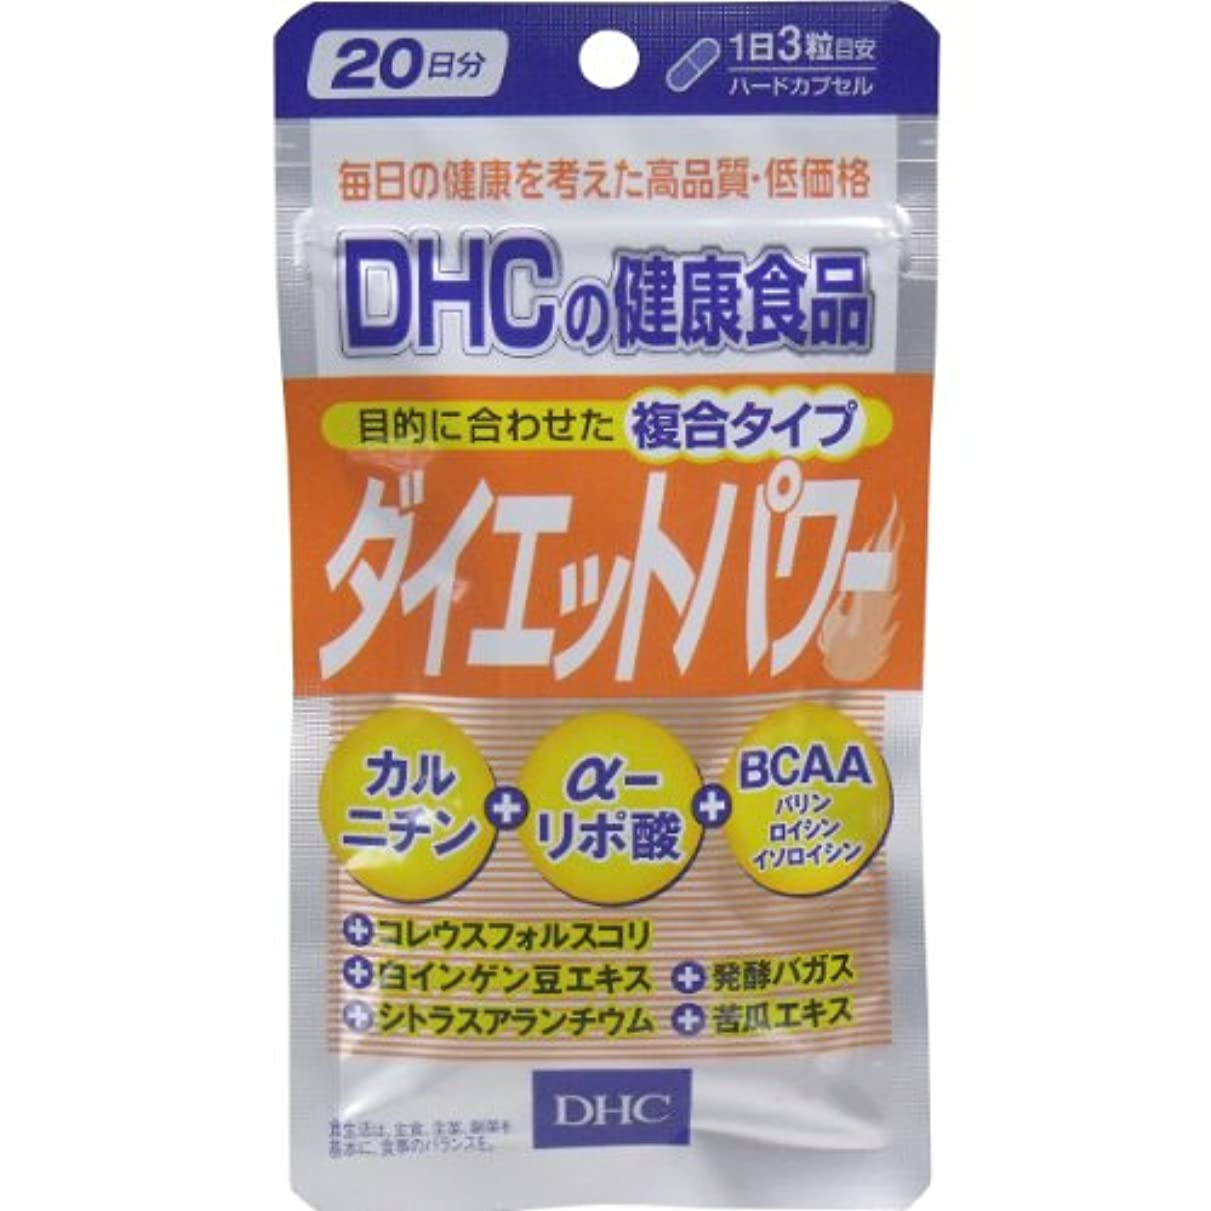 応じるキャンドルブレークDHC ダイエットパワー 60粒入 20日分